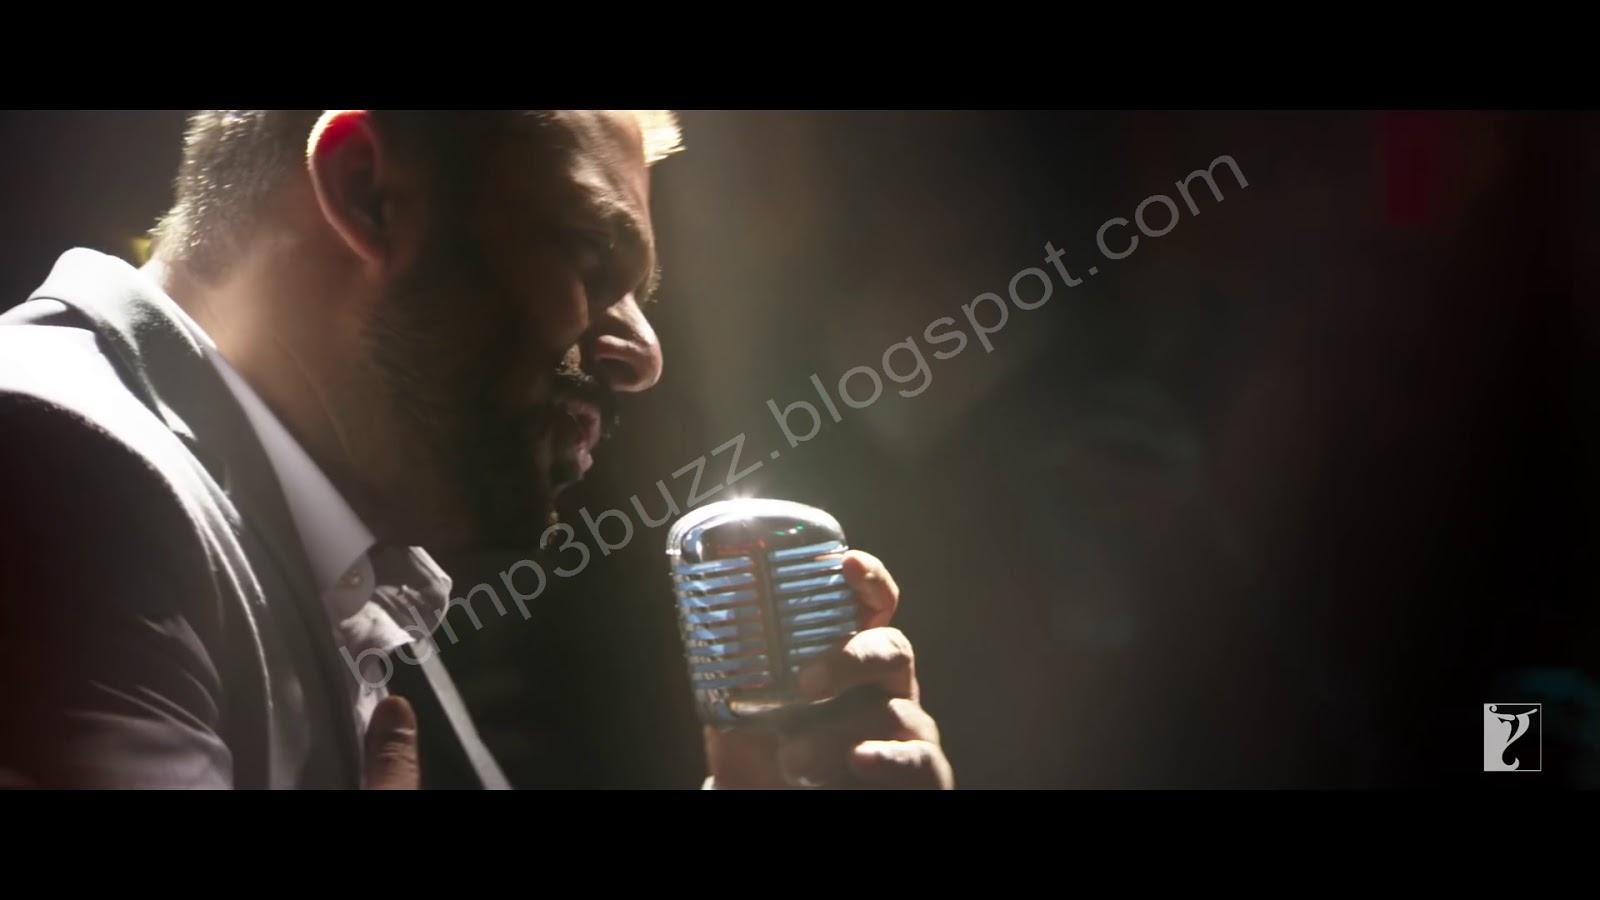 Sultan songs salman khan, anushka sharma hindi songs by sohail.